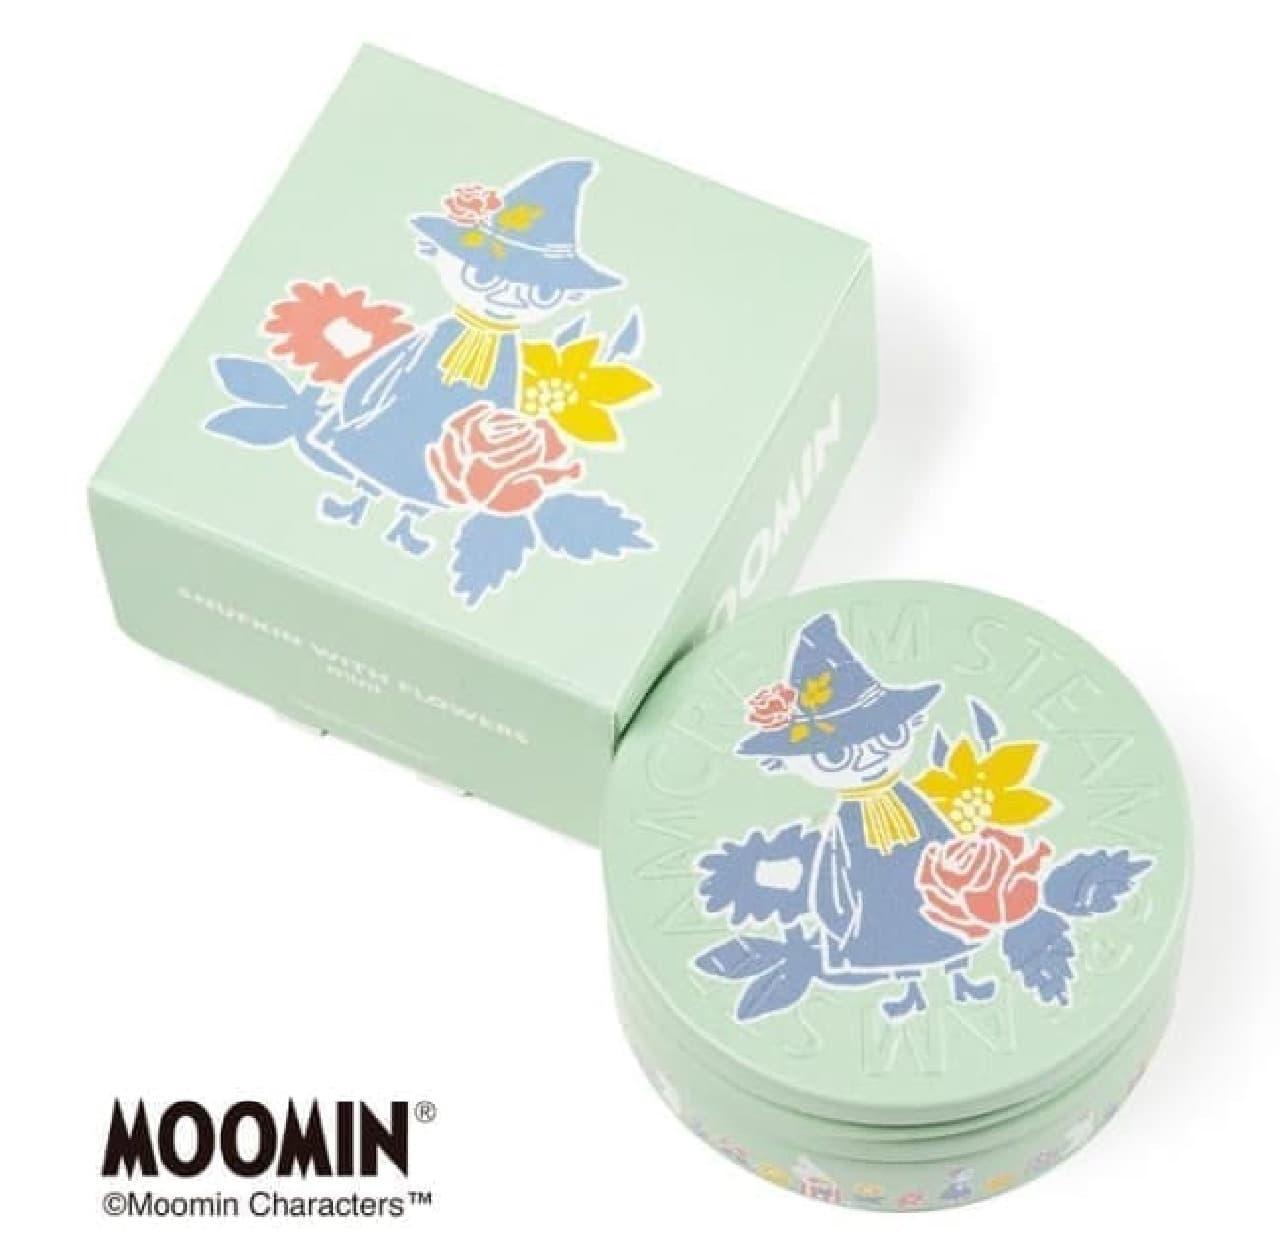 スチームクリームムーミンデザインのミニ缶セット